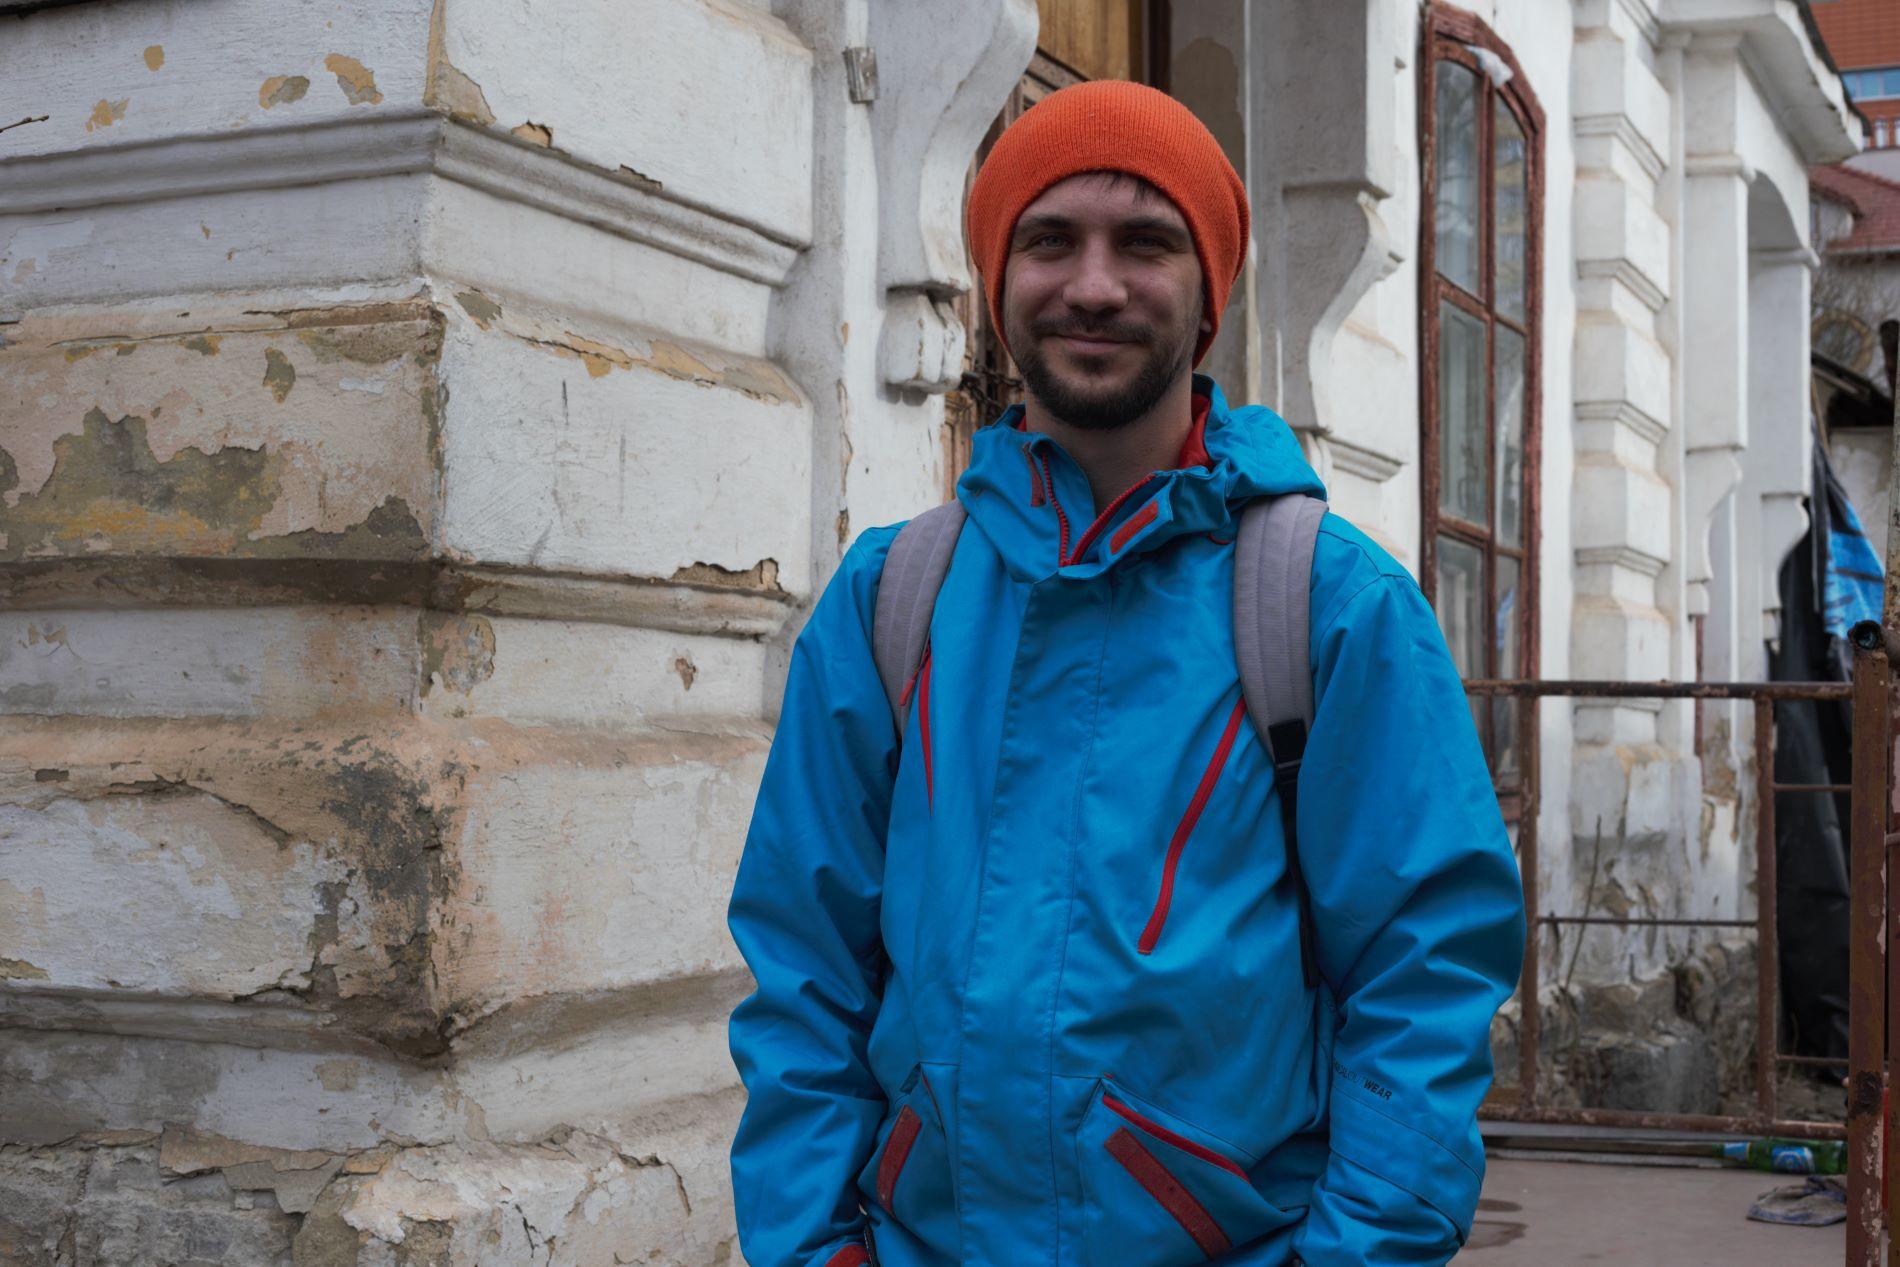 FOTO   Alexandru Țibari, un creator între restaurare și reconstrucție. Cum a contribuit un proiect european la pasiunea unui arhitect moldovean